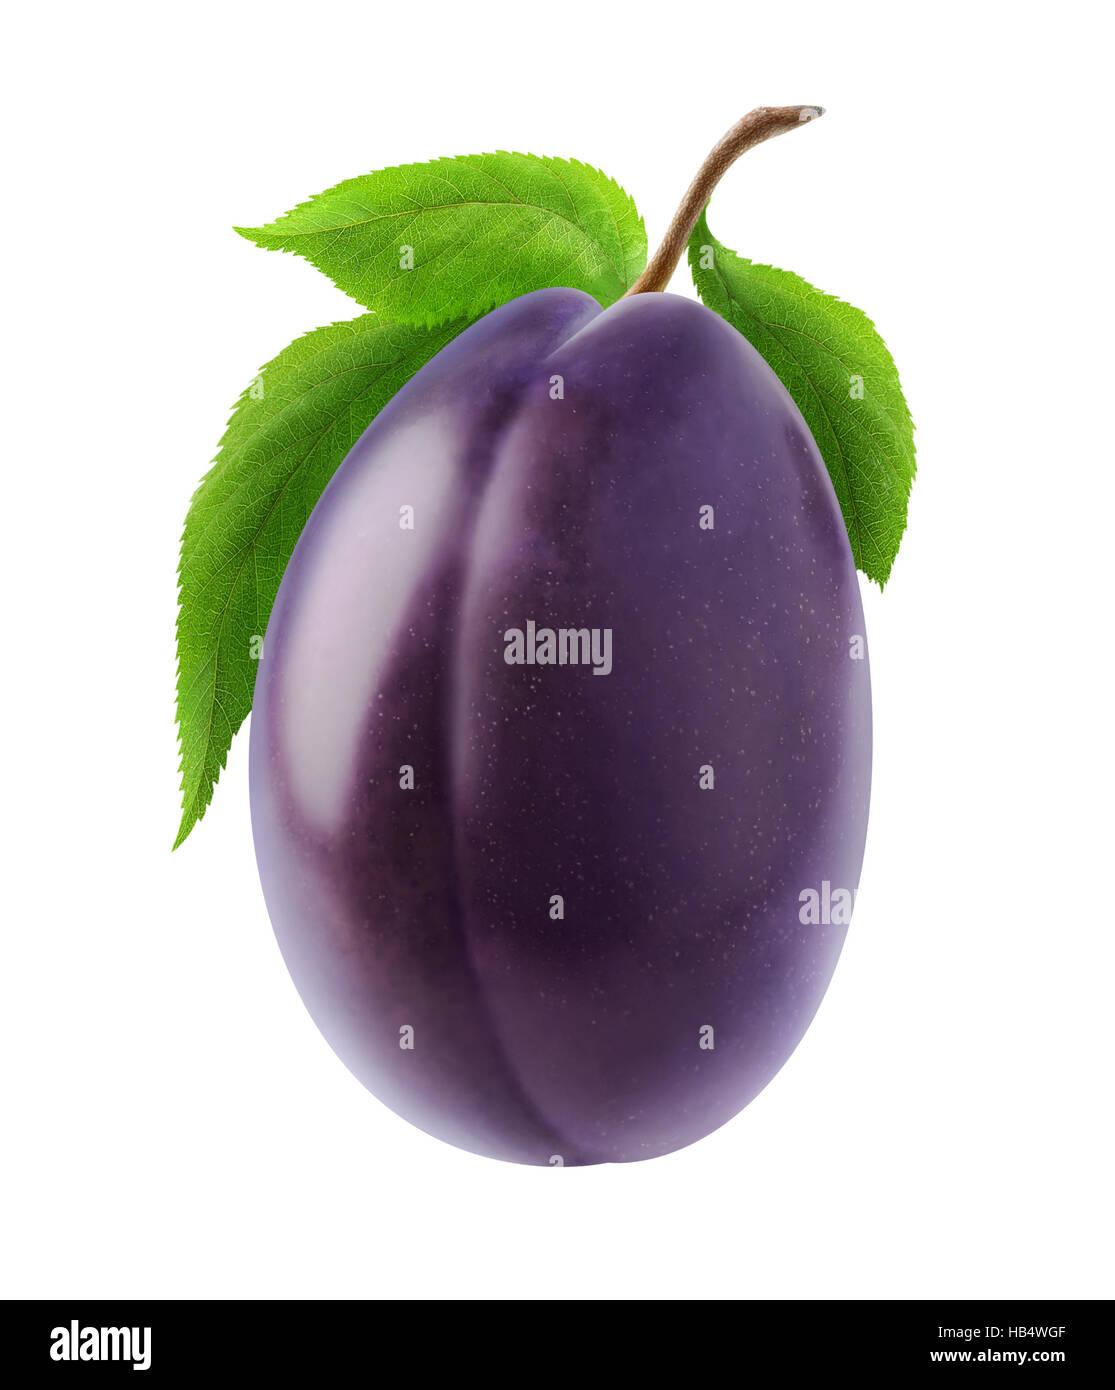 Ciruela aislados. Uno blue plum fruta en un tallo con hojas aislado sobre fondo blanco con trazado de recorte Imagen De Stock